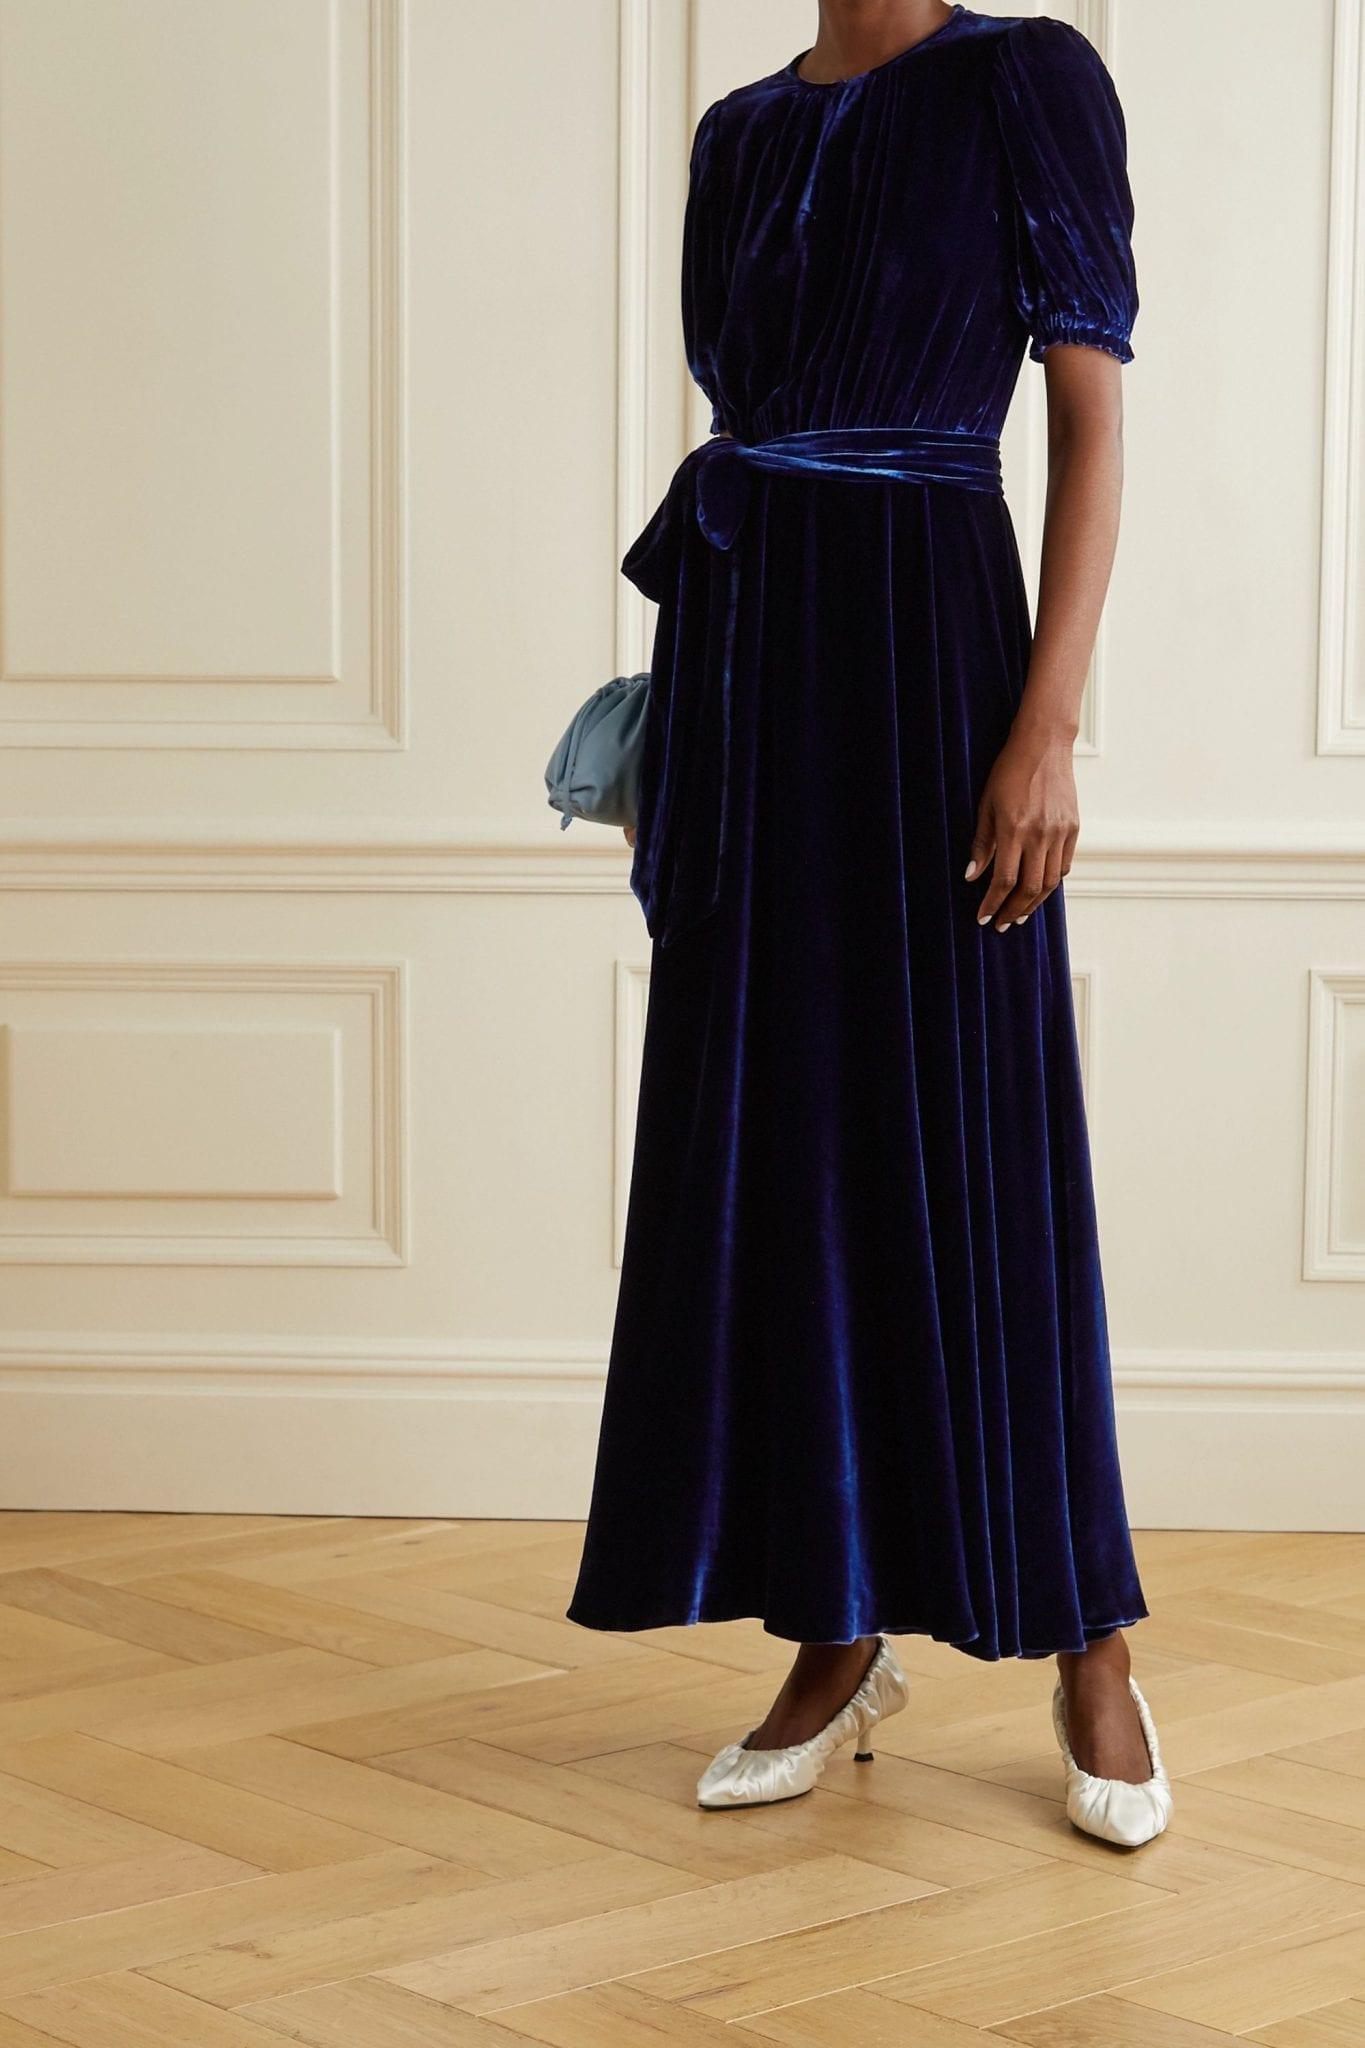 AROSS GIRL X SOLER Brooke Belted Velvet Maxi Dress